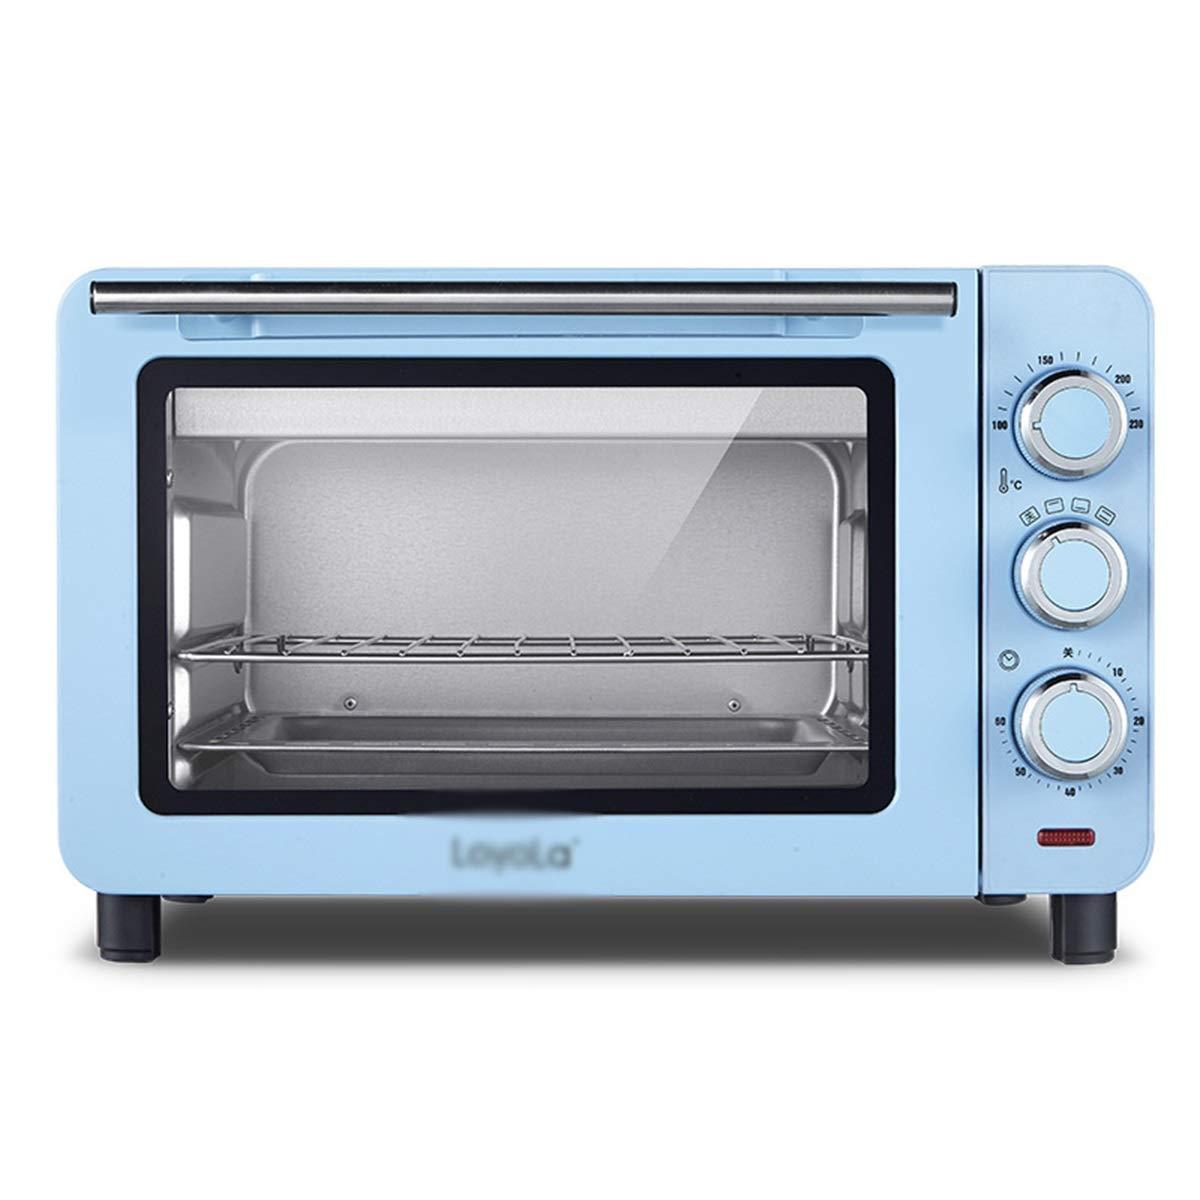 PANGU-ZC ミニオーブン - 多機能オーブンミニ家庭用ケーキベーキング小型オーブン小型電気オーブン -オーブン (色 : 青)  青 B07QPFSMDM